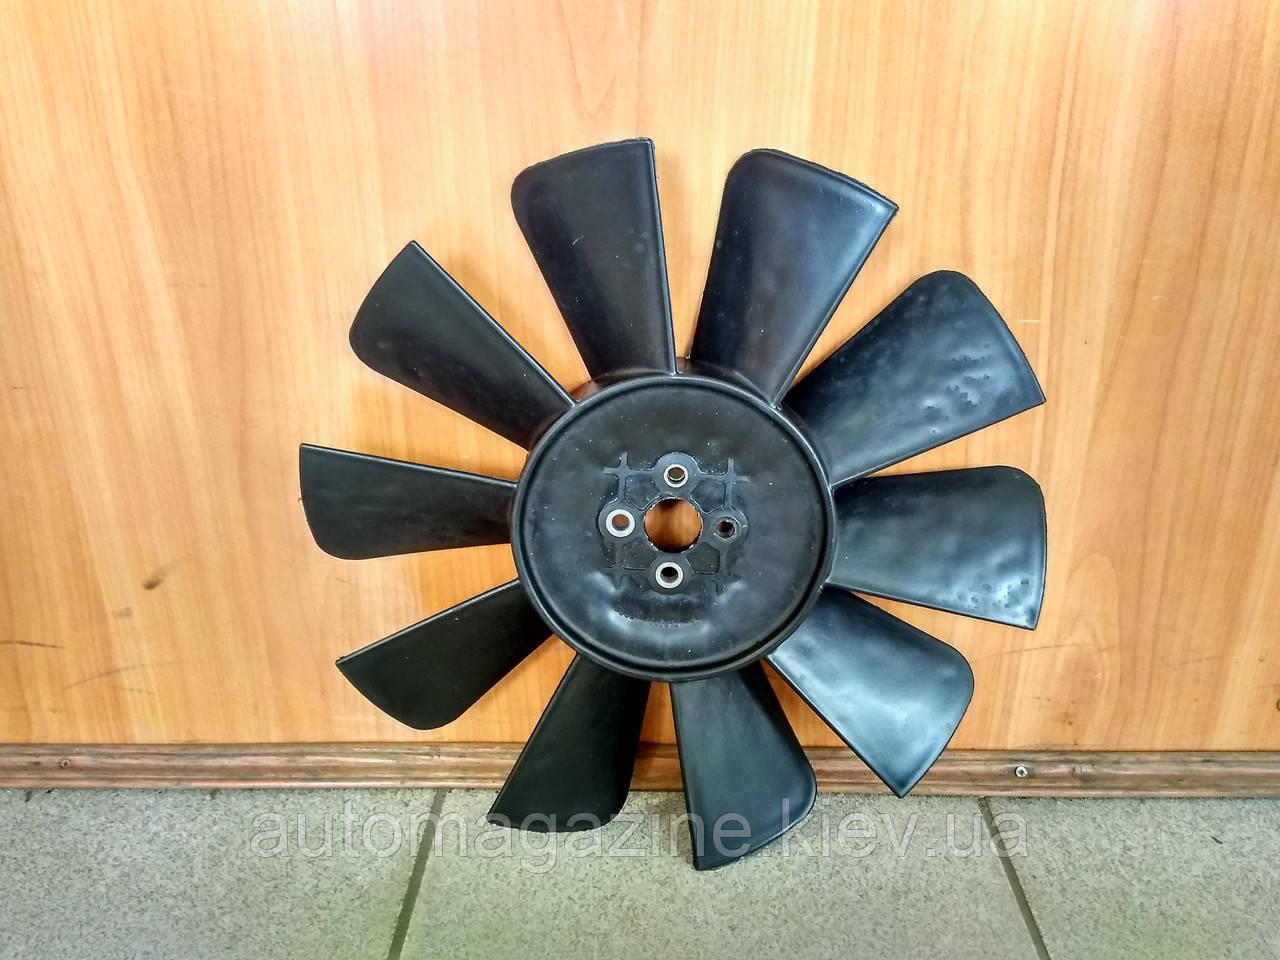 Вентилятор системы охлаждения Газель, Соболь (10 лопастей)